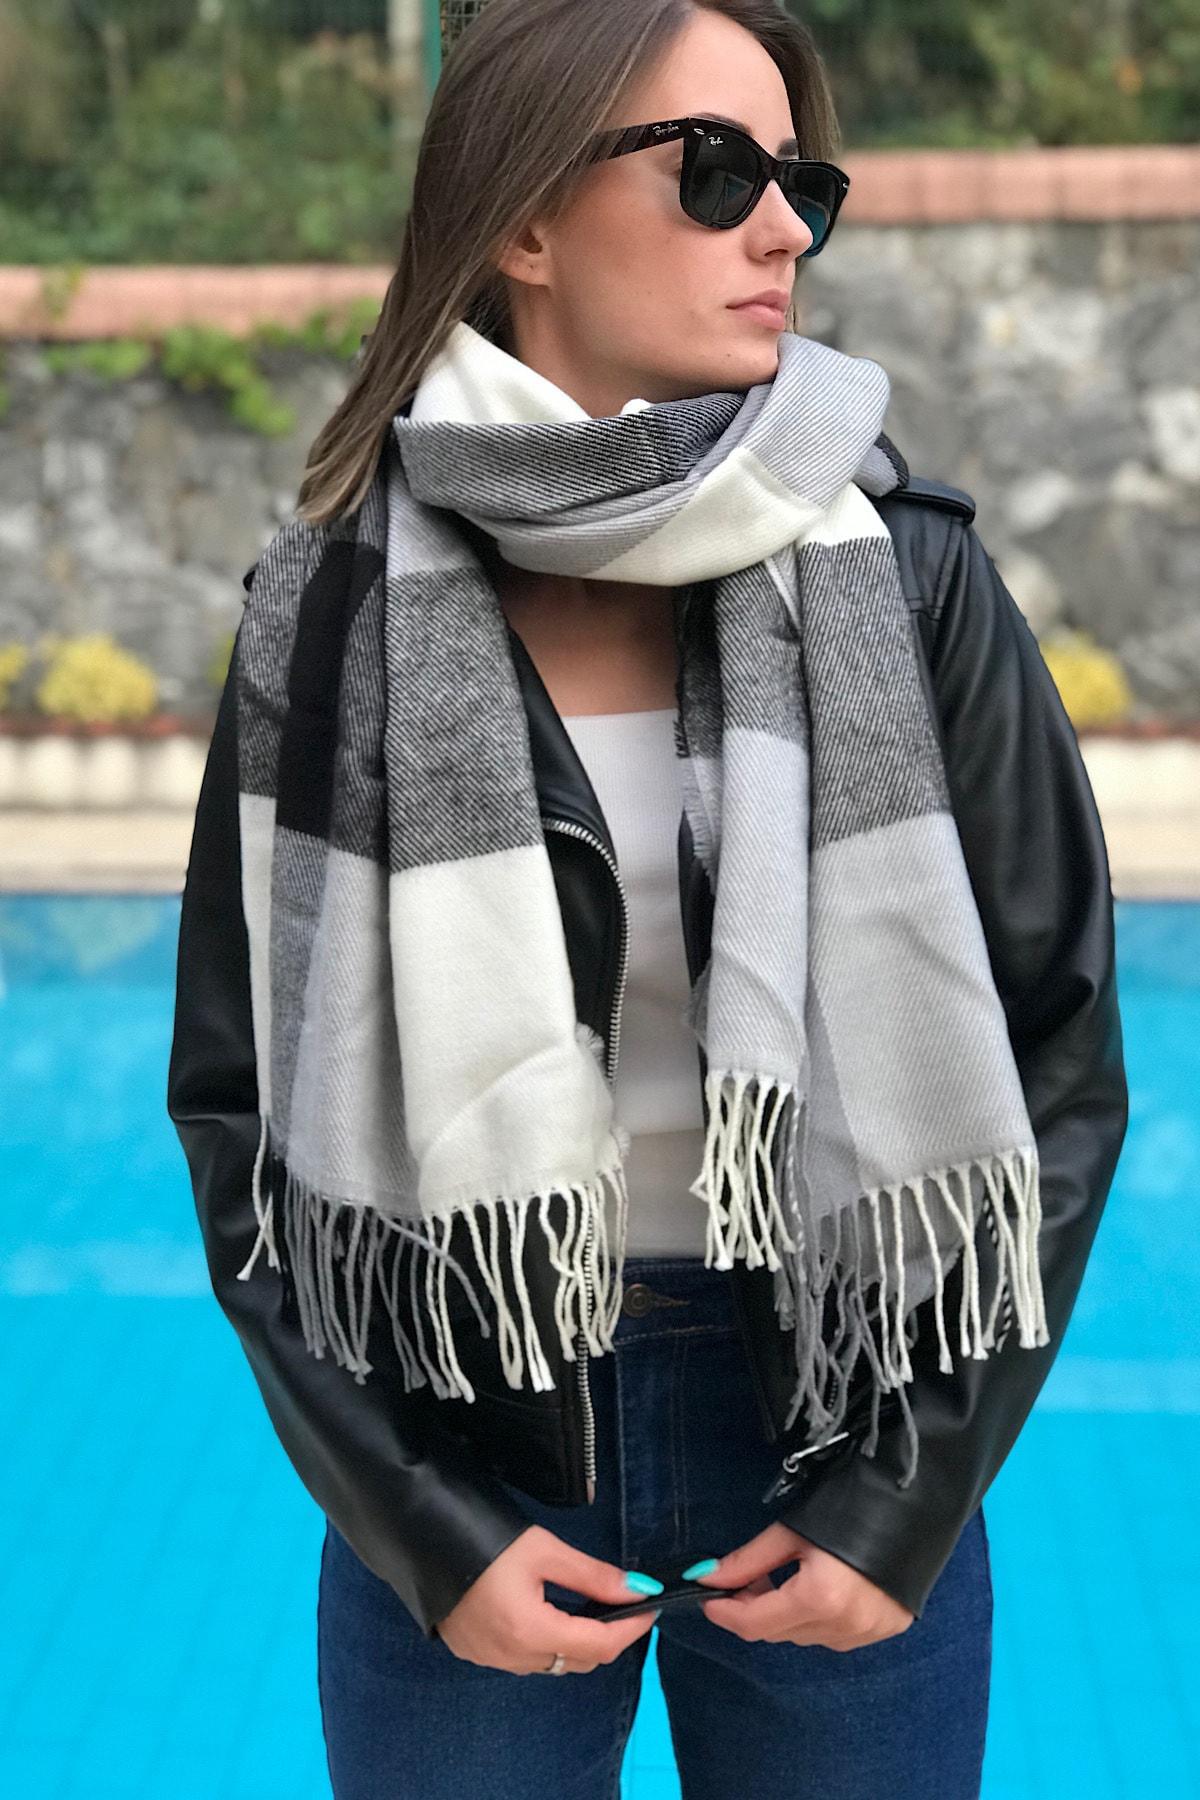 Unisex Siyah Beyaz Ekoseli Uçları Saçaklı Uzun Atkı